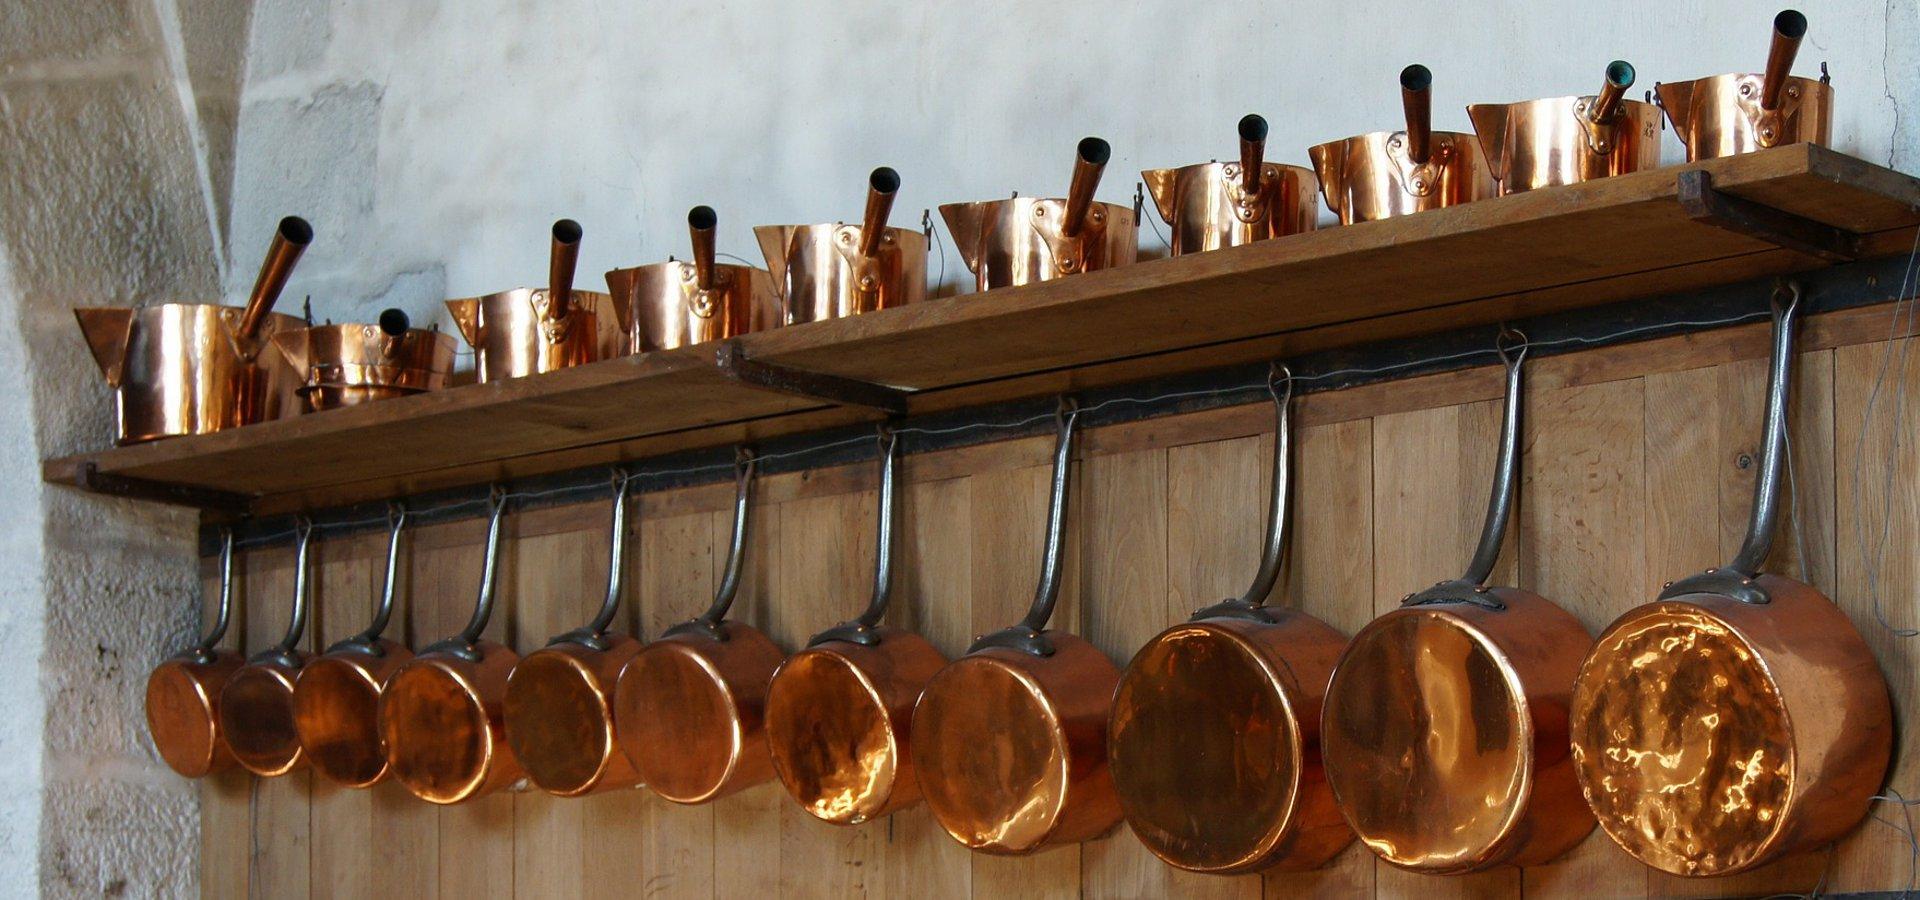 Kupfertöpfe in einer langen Reihe